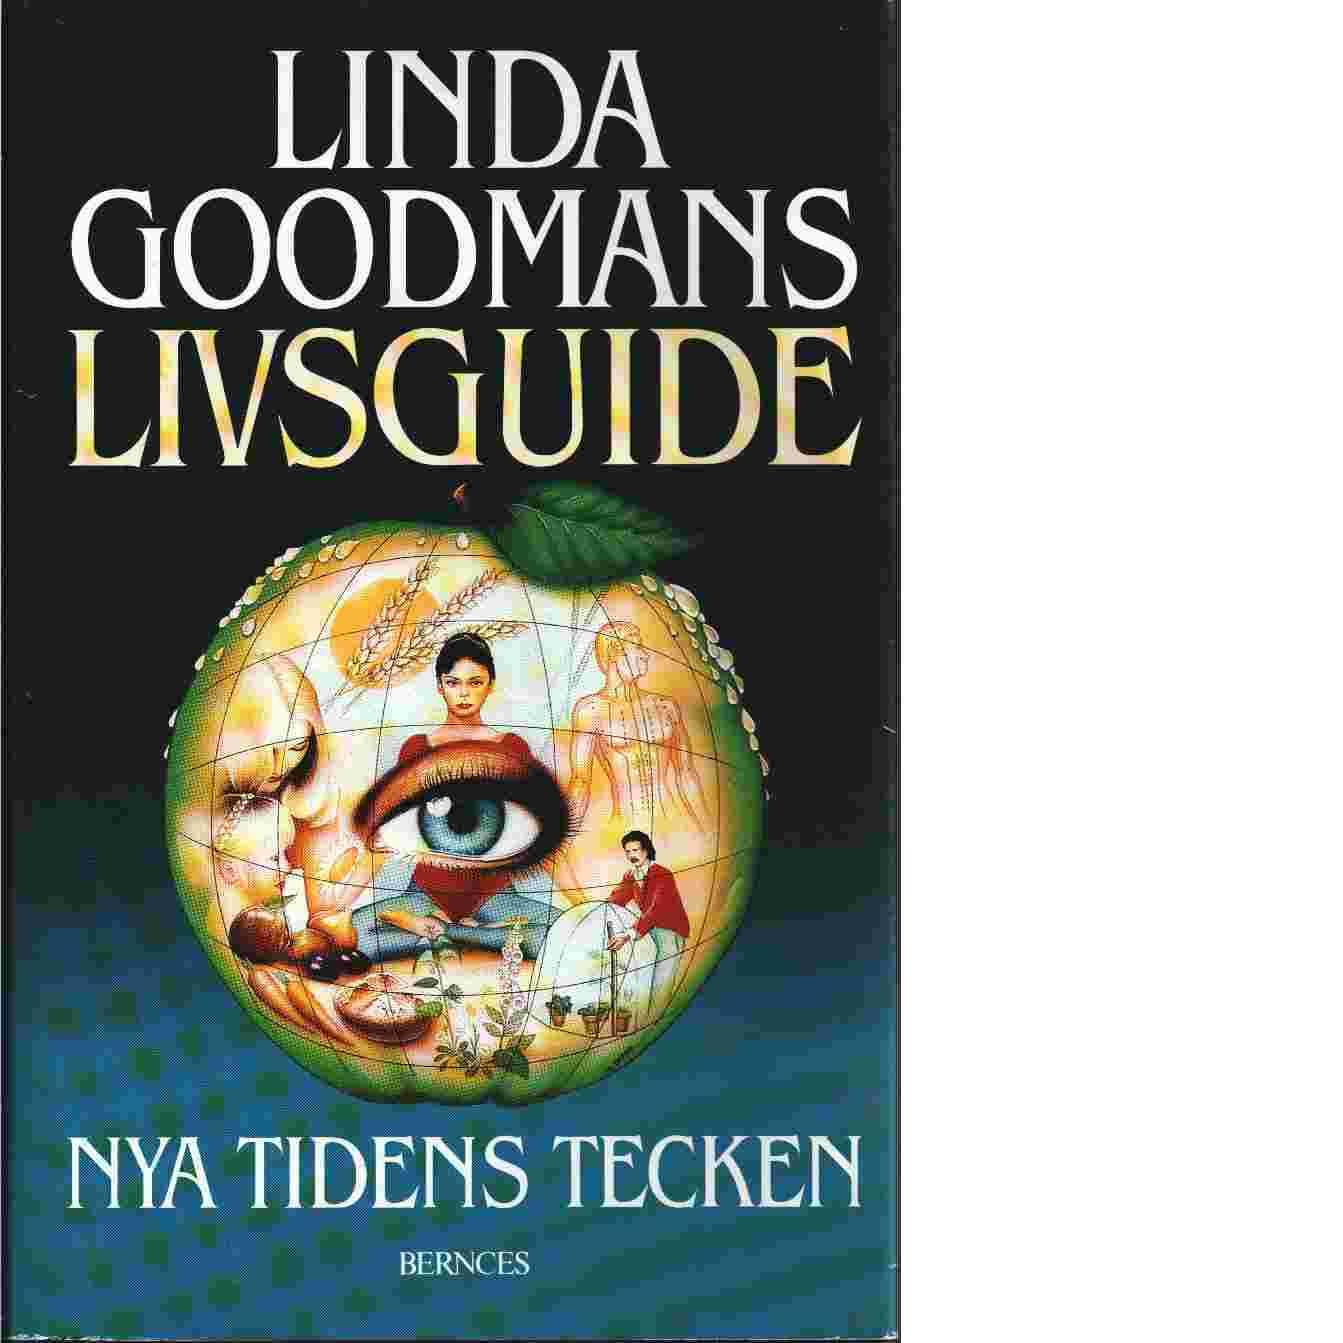 Linda Goodmans livsguide - Goodman, Linda